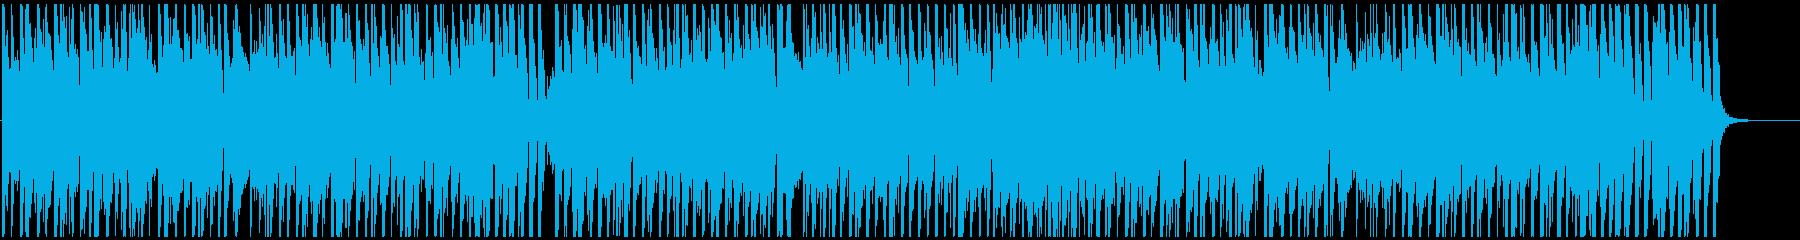 椎名林檎っぽいバトルかっこいいジャズの再生済みの波形